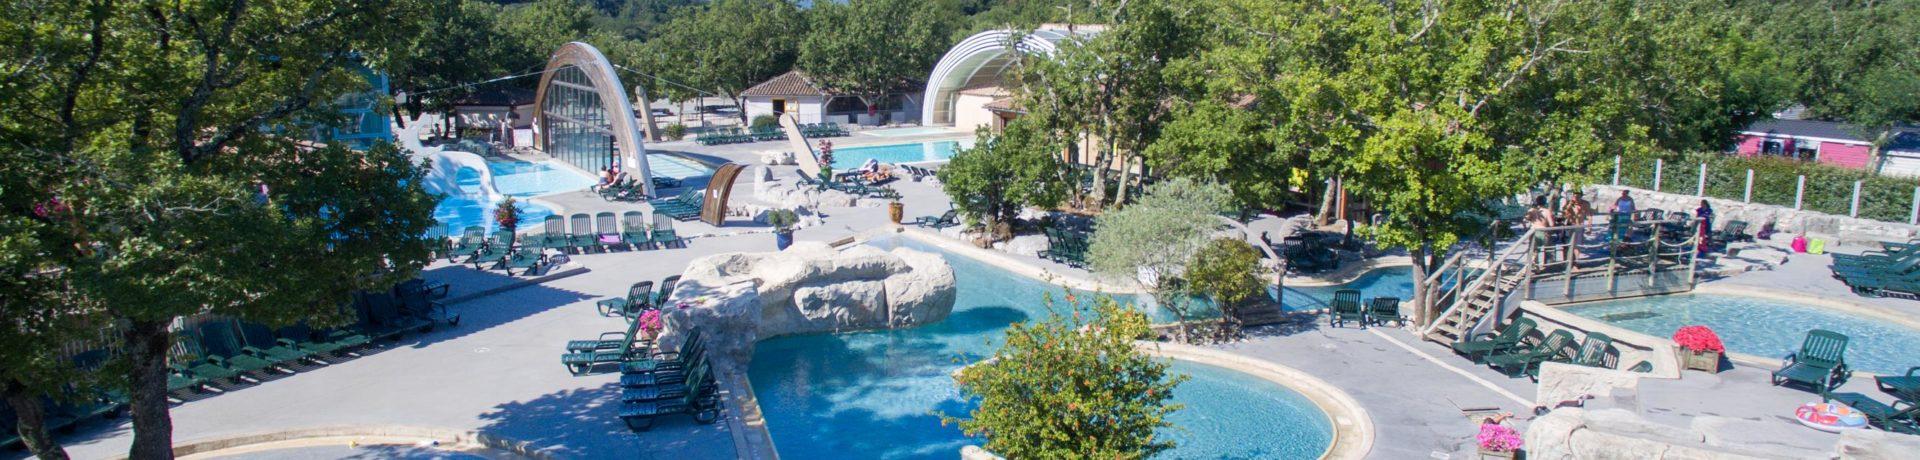 Camping Le Ranc Davaine in Ruoms is een familiecamping in de Ardèche waar alle faciliteiten aanwezig zijn om te genieten van een vakantie in de Rhône-Alpes.